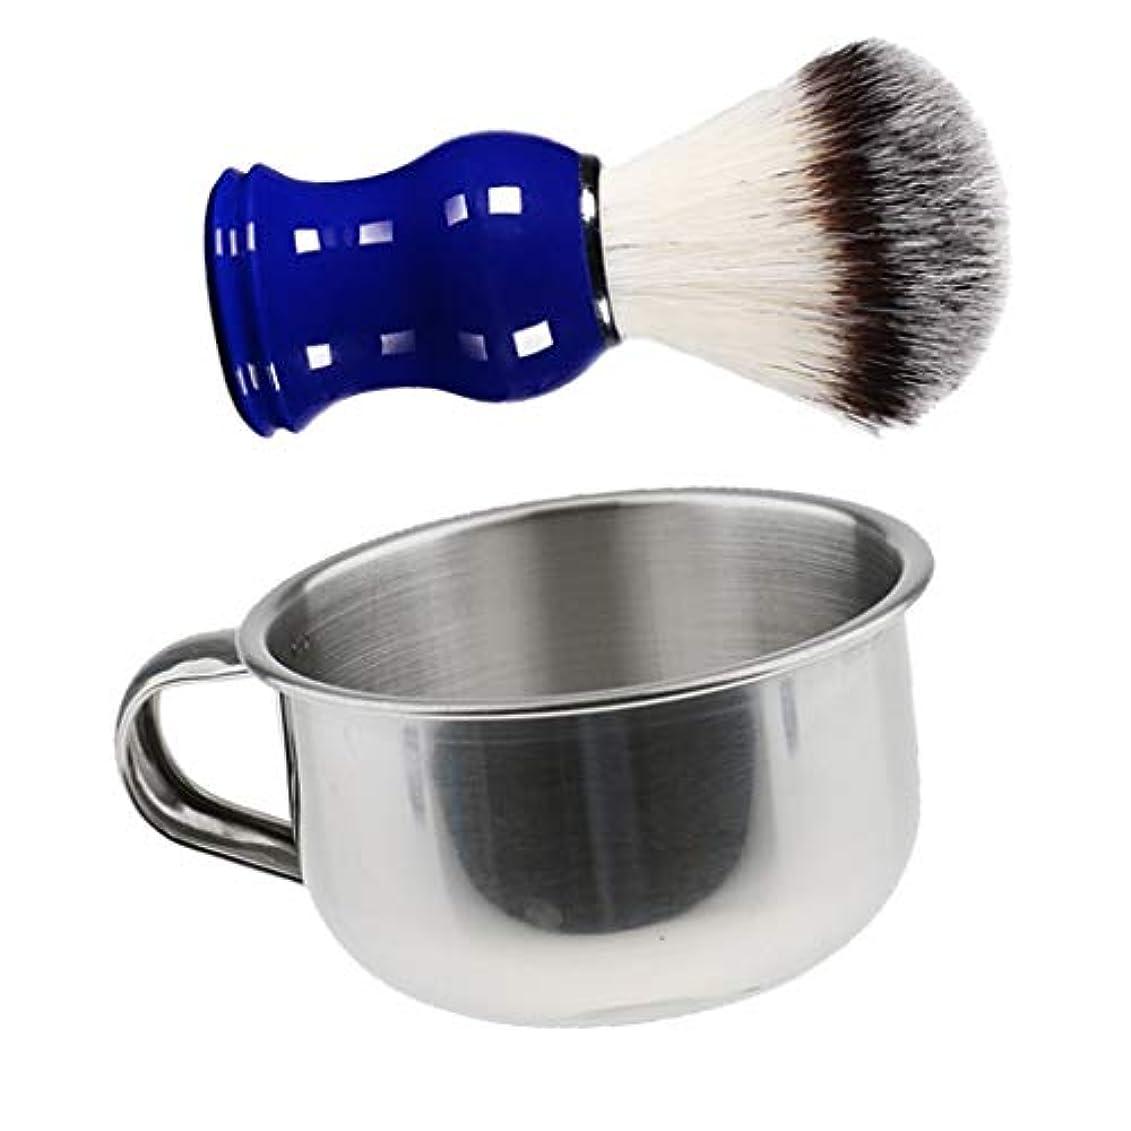 キャンプ困惑した嫌がるメンズ シェービング マグ ボウル ステンレス製 シェービング用ブラシ 理容 洗顔 髭剃り 贈り物